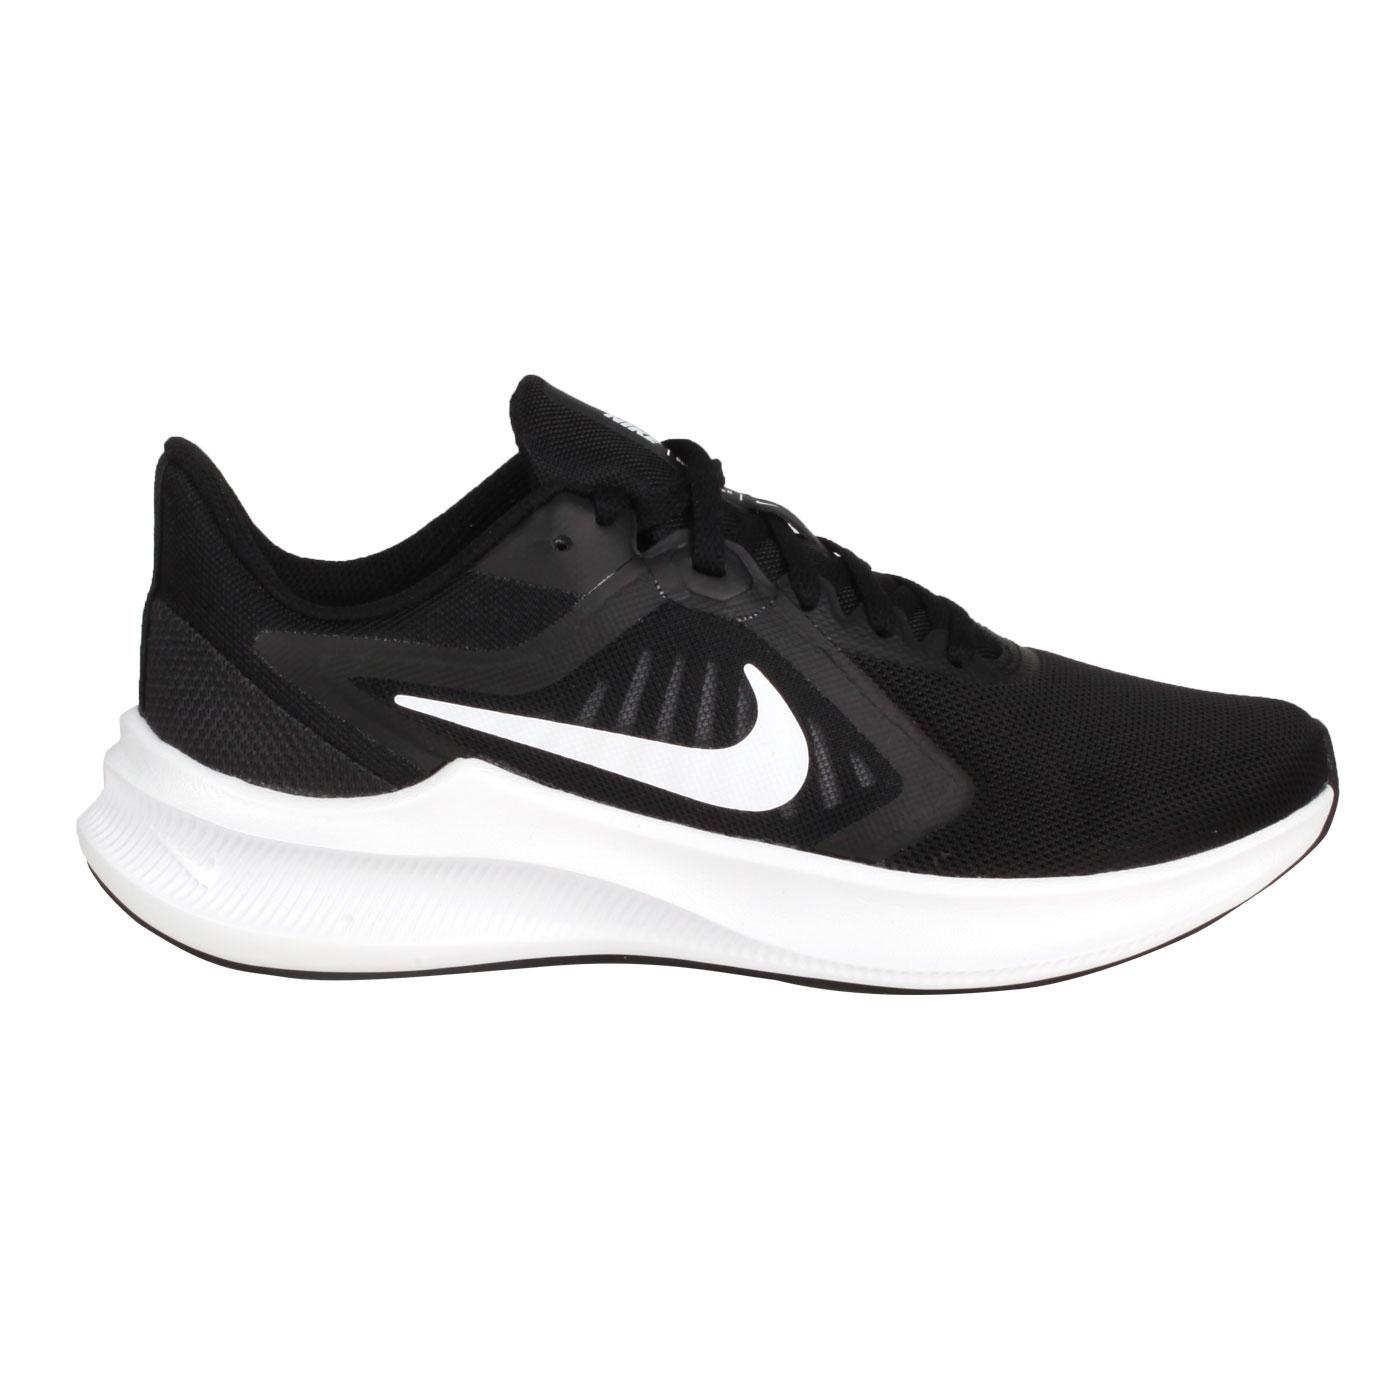 NIKE 女款慢跑鞋  @WMNS DOWNSHIFTER 10@CI9984001